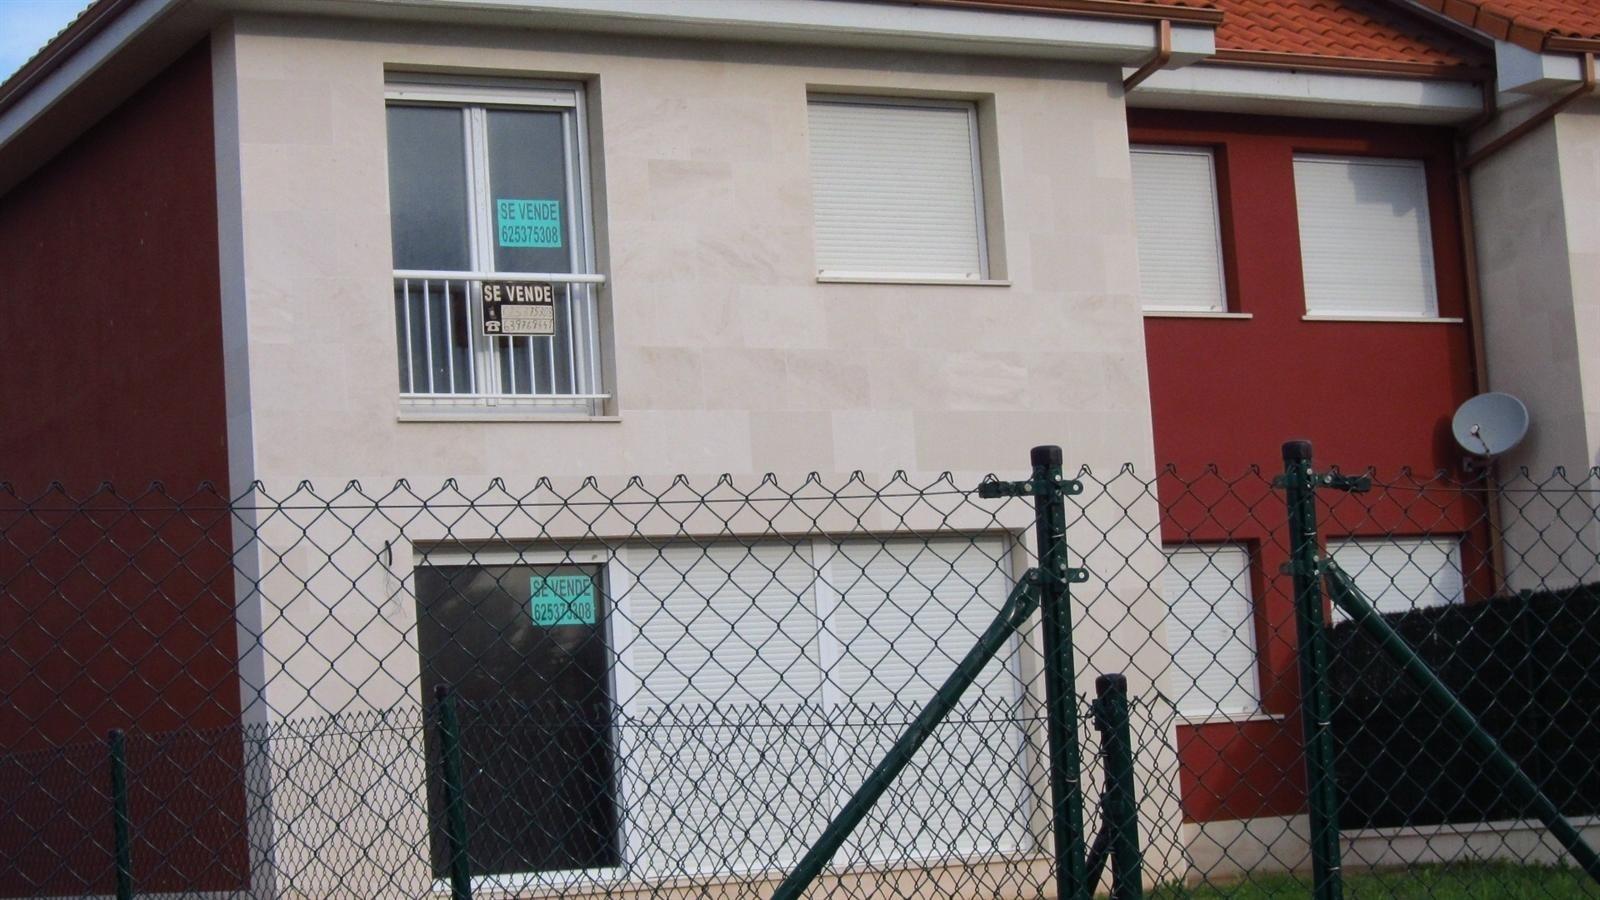 La Rioja ajusta el precio de la vivienda un 2,02% en el primer trimestre del año, según pisos.com